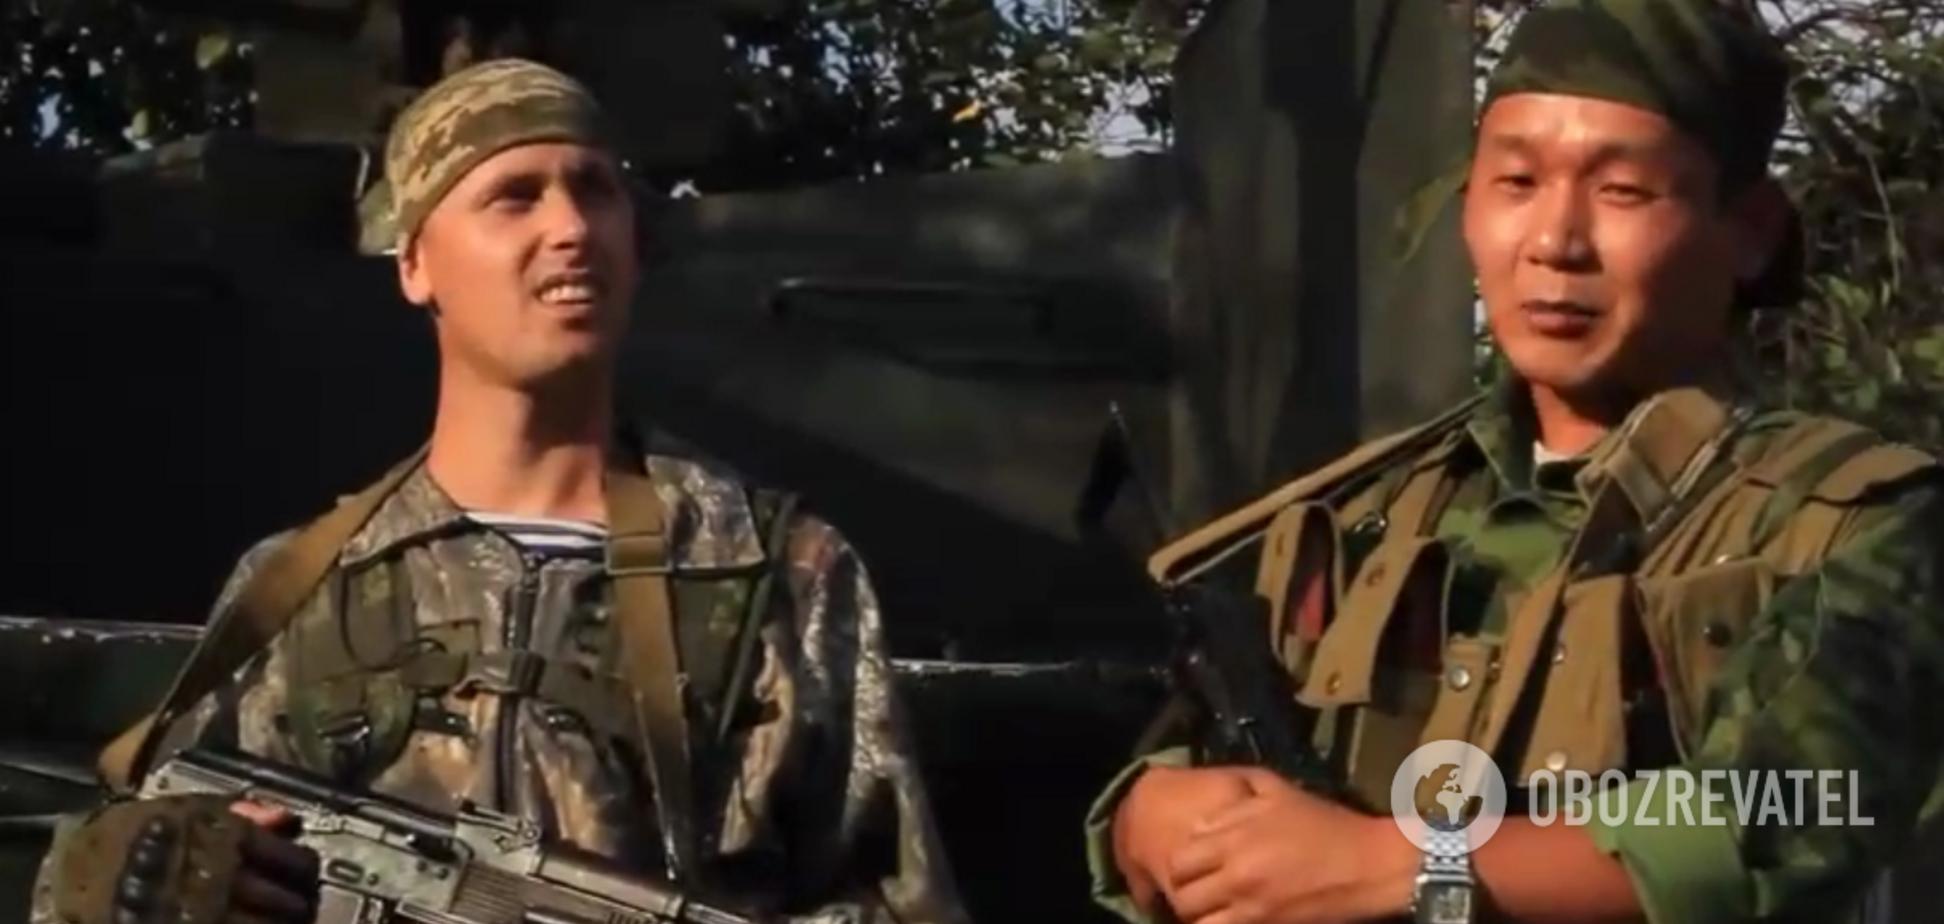 Російські військові на Донбасі: в мережі показали нові докази. Відео